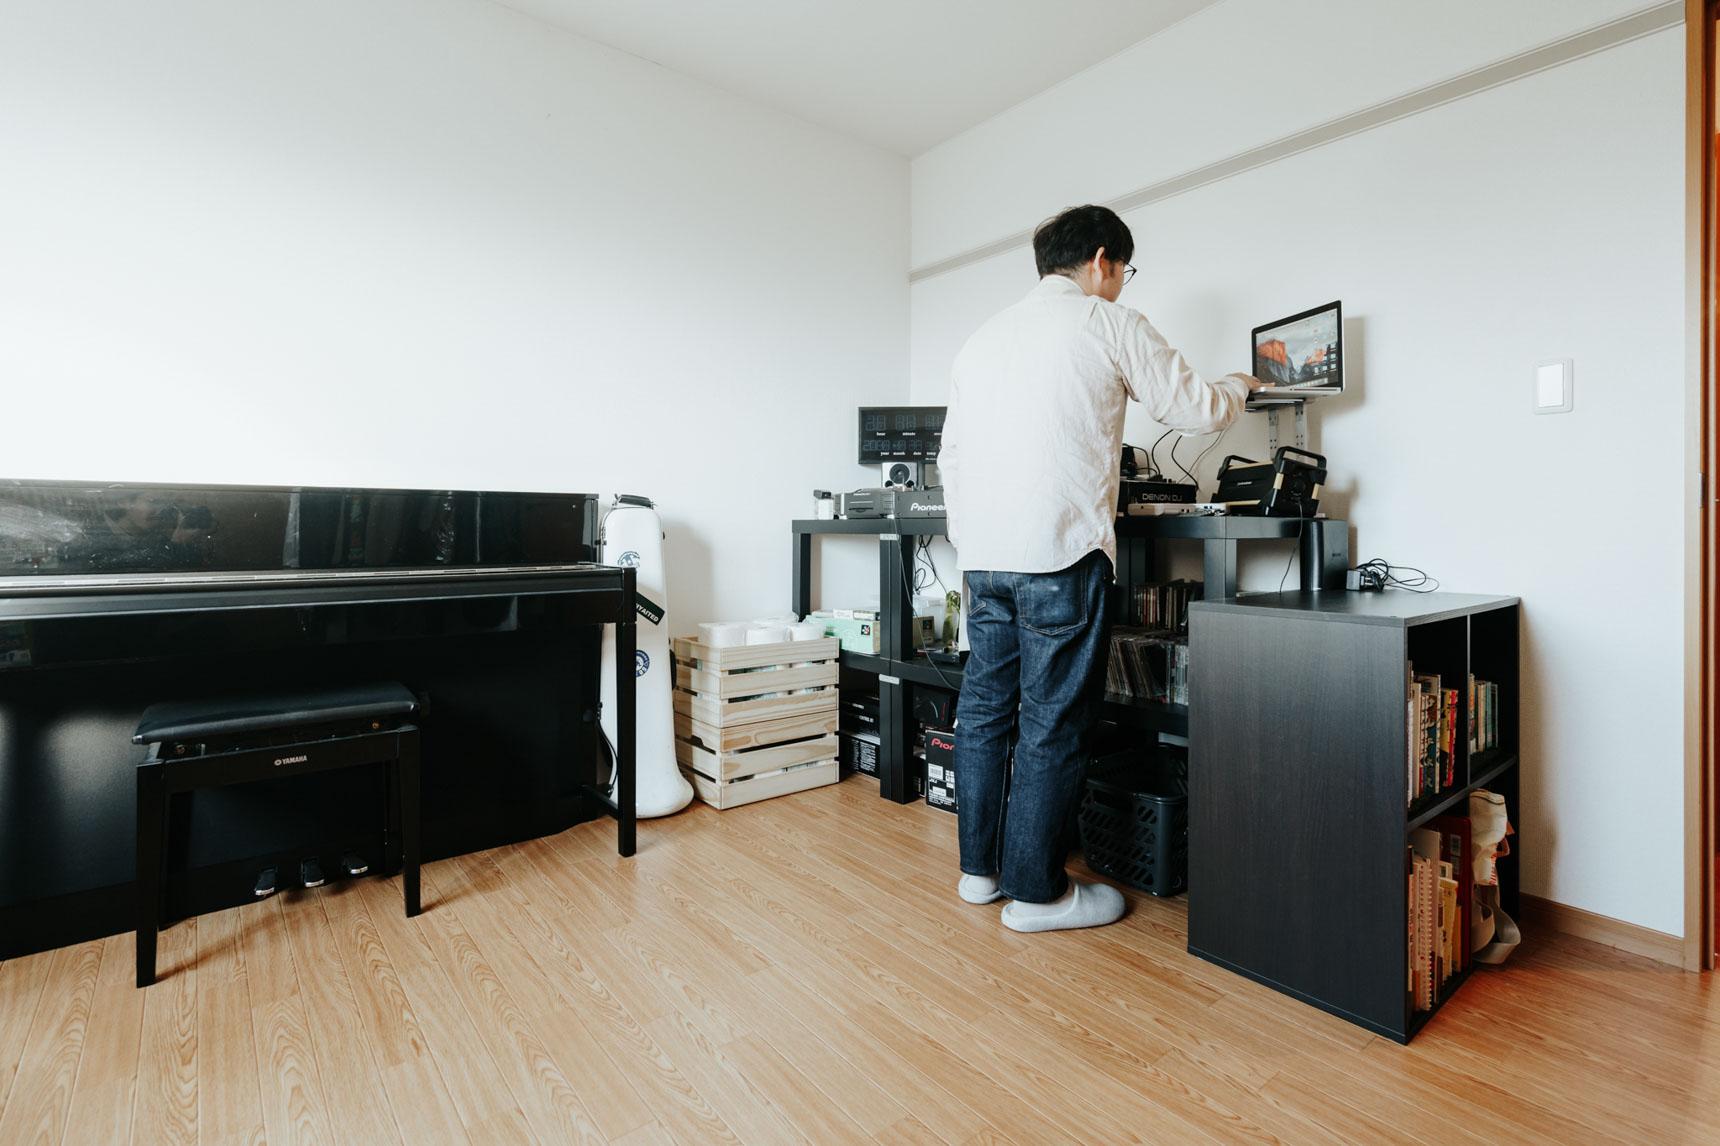 もう1部屋は、音楽が好きなお二人の、楽器やDJ機器を置く場所として。「決め手になったのは、広さ」とおっしゃる通り、ゆとりある広さの2LDKを活用して、好きなものにたくさん囲まれた豊かな暮らしをされていらっしゃいます。